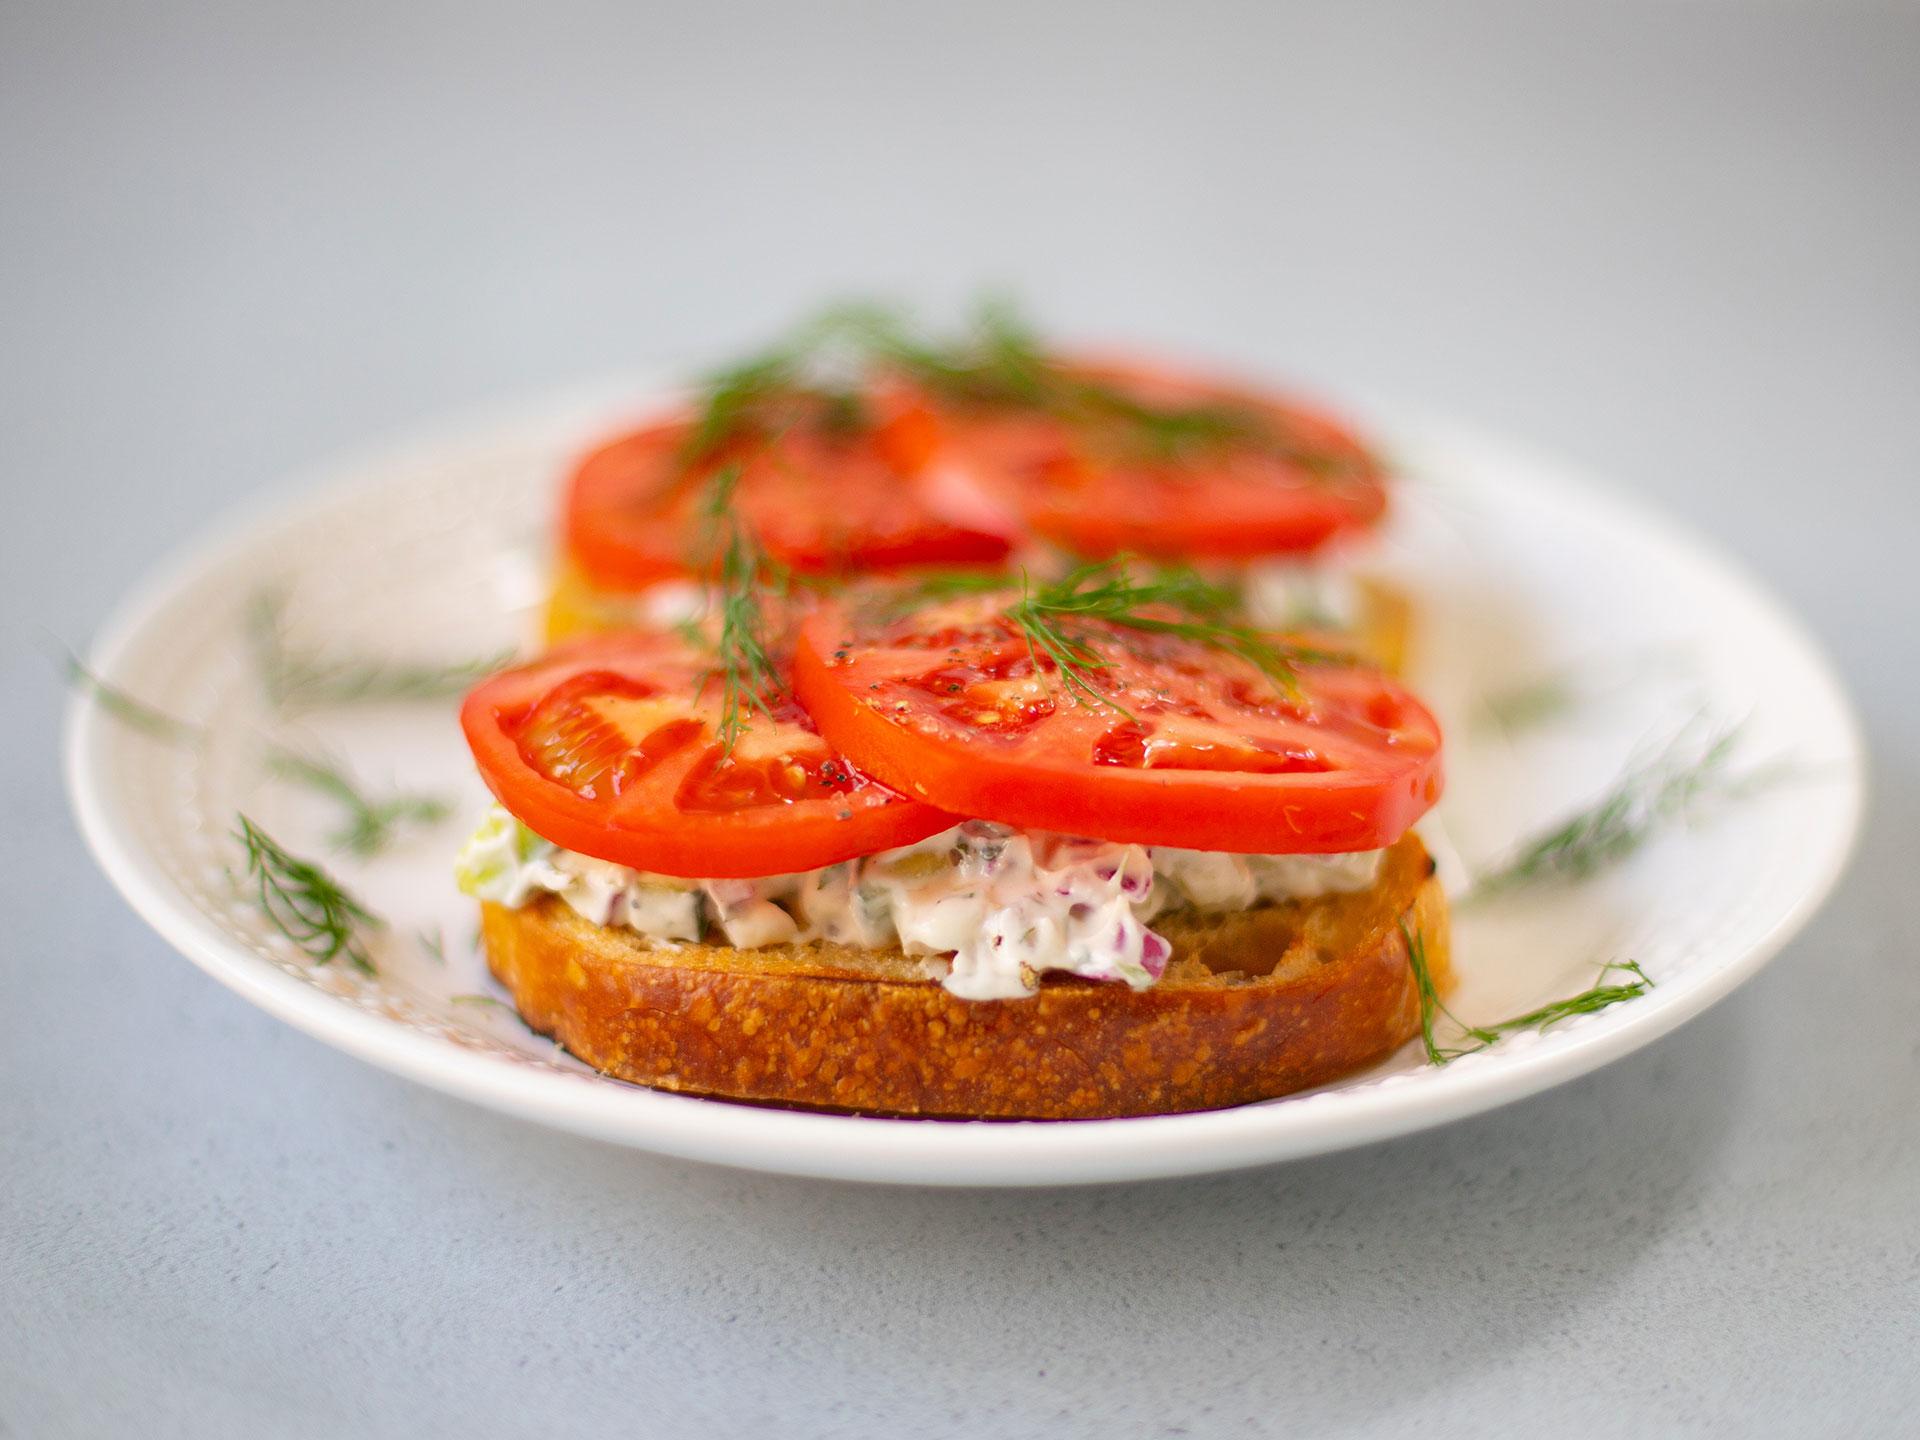 Open-Faced Tomato Sandwiches with Creamy Cucumber Spread Recipe